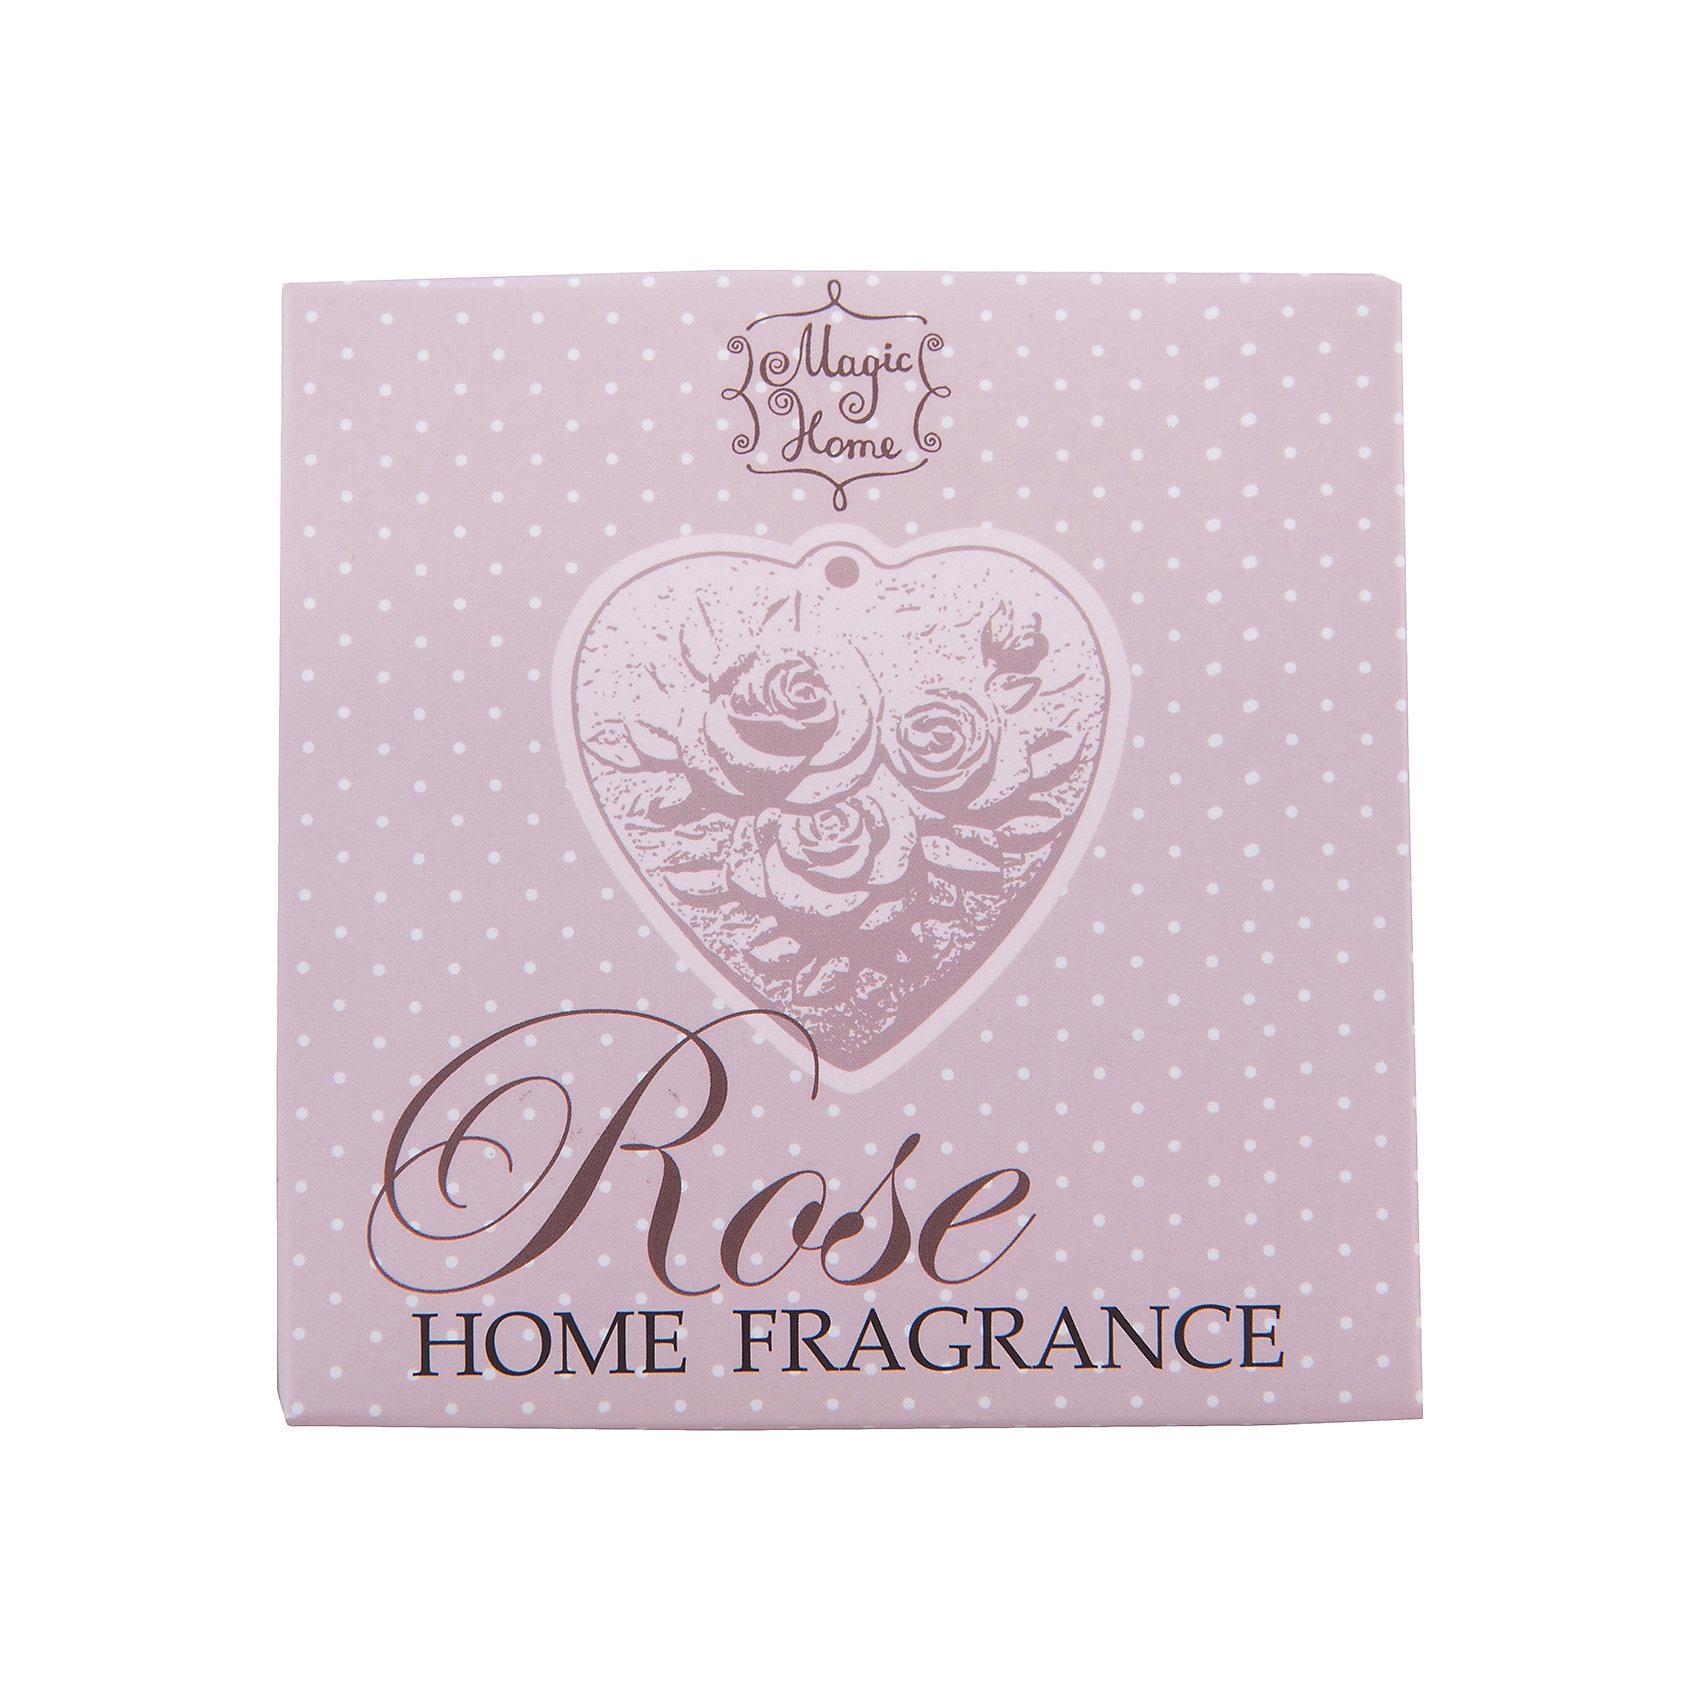 Изделие ароматическое Роза , подвесное, Феникс-ПрезентИзделие ароматическое Роза, подвесное, Феникс-Презент<br><br>Характеристики:<br><br>• устраняет неприятные запахи<br>• освежает помещение<br>• подходит для небольших помещений<br>• в комплекте: гипсовая фигурка с ароматом розы<br>• материал: гипс, текстиль<br>• размер: 11,7х9,5х2,7 см<br><br>Аромат розы освежит вашу ванную комнату или гардеробную, придавая им приятный аромат розы. В набор входит гипсовая фигурка с рельефным изображением розочек. Фигурка имеет удобную подвеску - вы сможете повесить ее в любом удобном месте.<br><br>Изделие ароматическое Роза, подвесное, Феникс-Презент можно купить в нашем интернет-магазине.<br><br>Ширина мм: 117<br>Глубина мм: 95<br>Высота мм: 27<br>Вес г: 78<br>Возраст от месяцев: 120<br>Возраст до месяцев: 2147483647<br>Пол: Унисекс<br>Возраст: Детский<br>SKU: 5449504